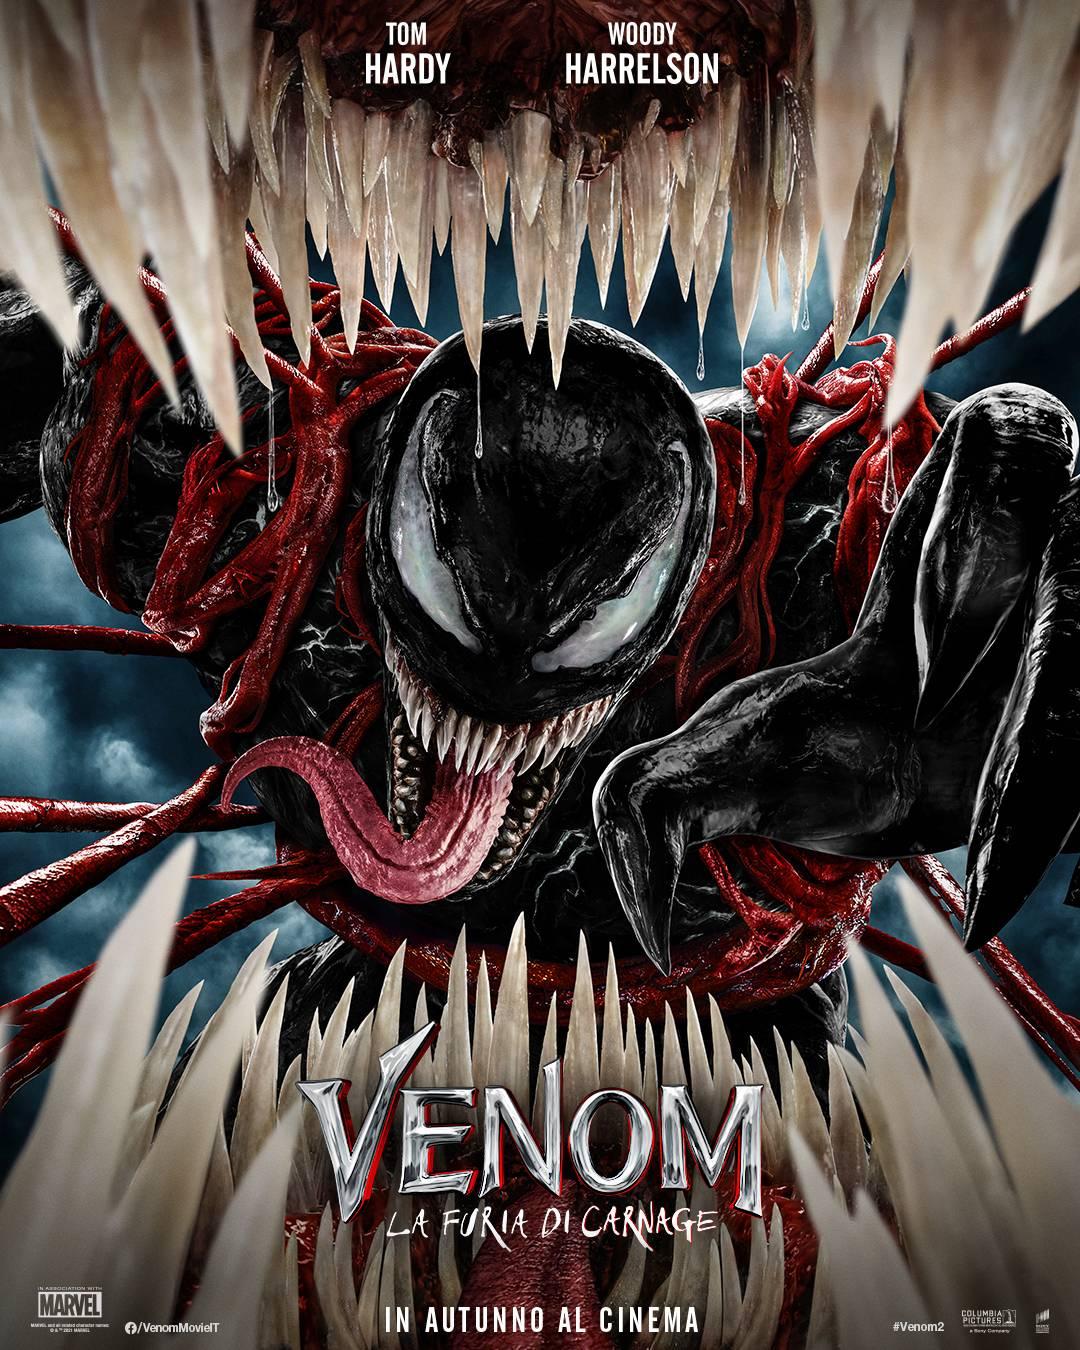 Venom: La furia di Carnage | Trailer italiano del film